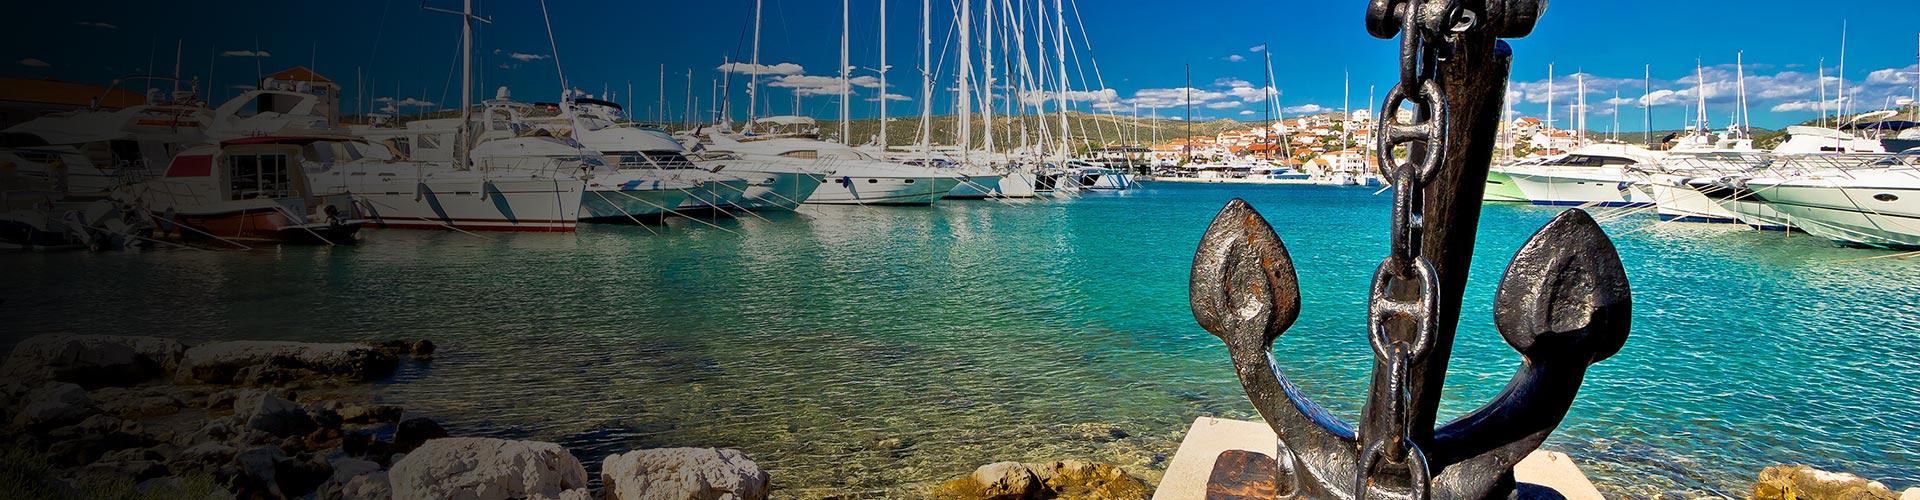 charter en Croatie. Bateaux de croisière, catamarans et location de bateaux sur la mer Adriatic, aussi tout les autres services & information sur...